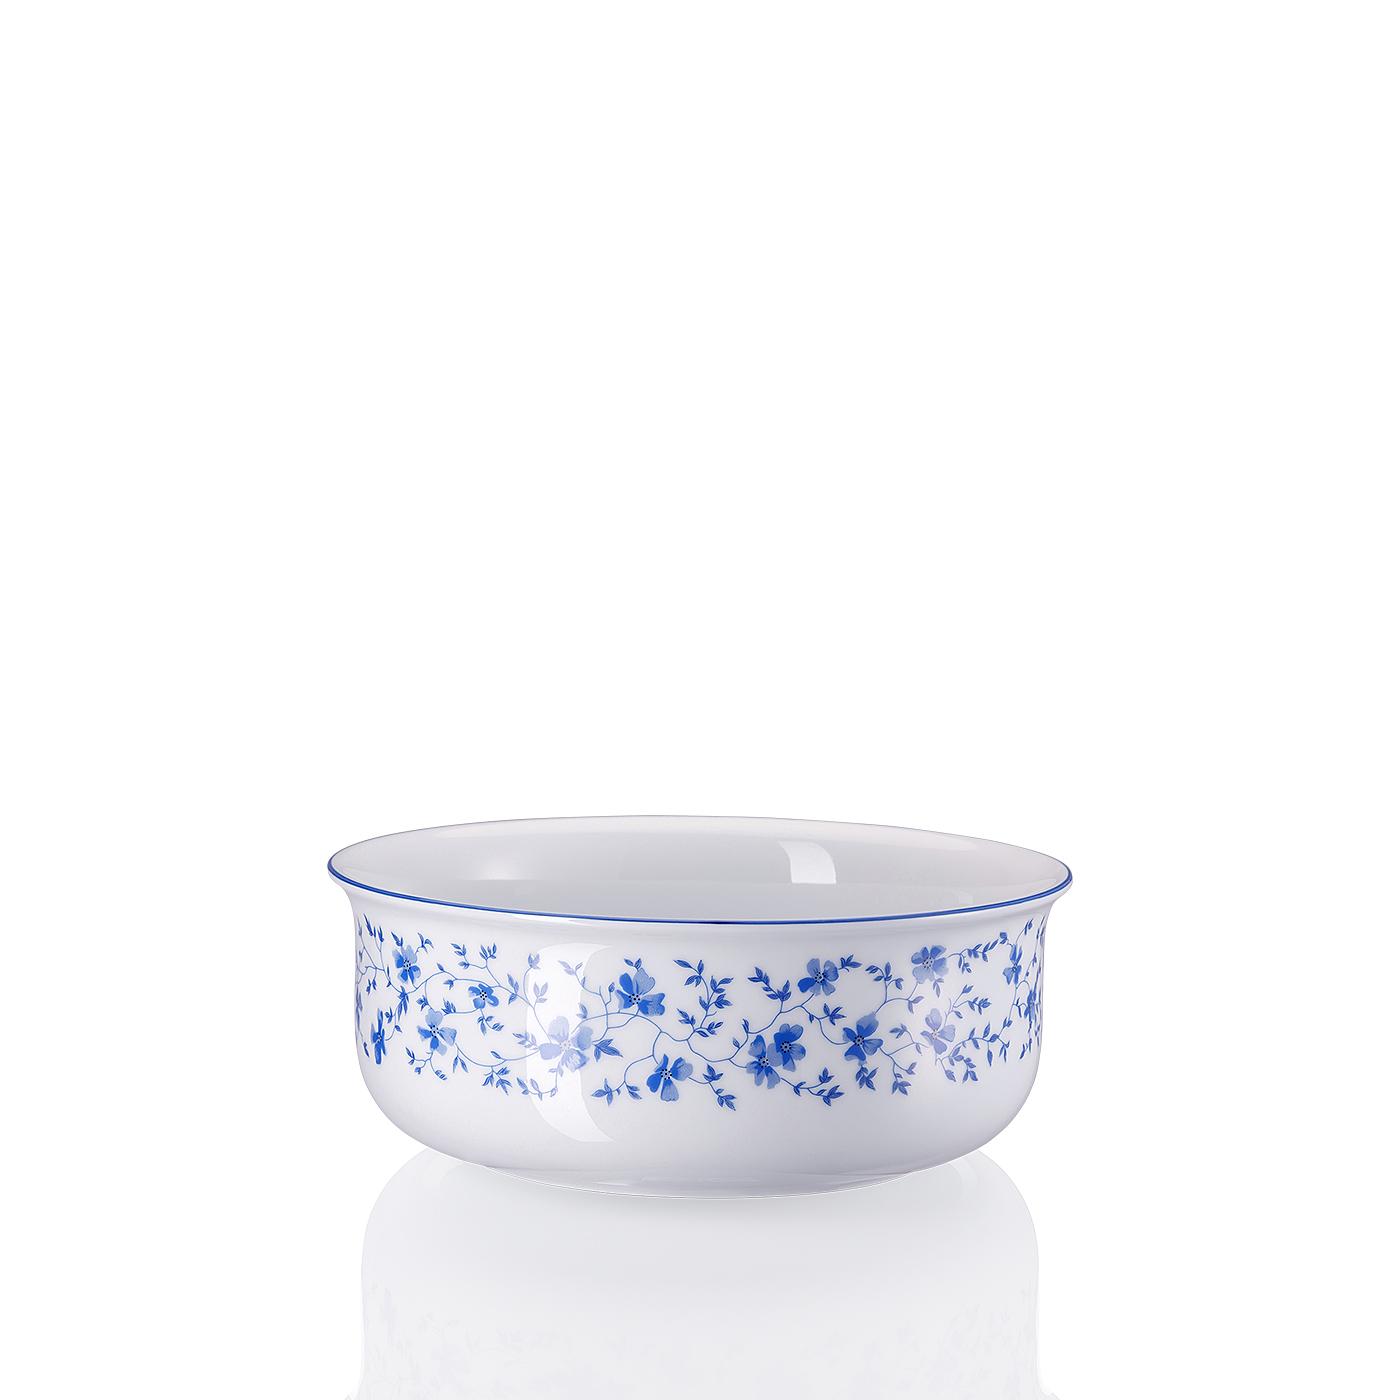 Schüssel 20 cm Form 1382 Blaublüten Arzberg